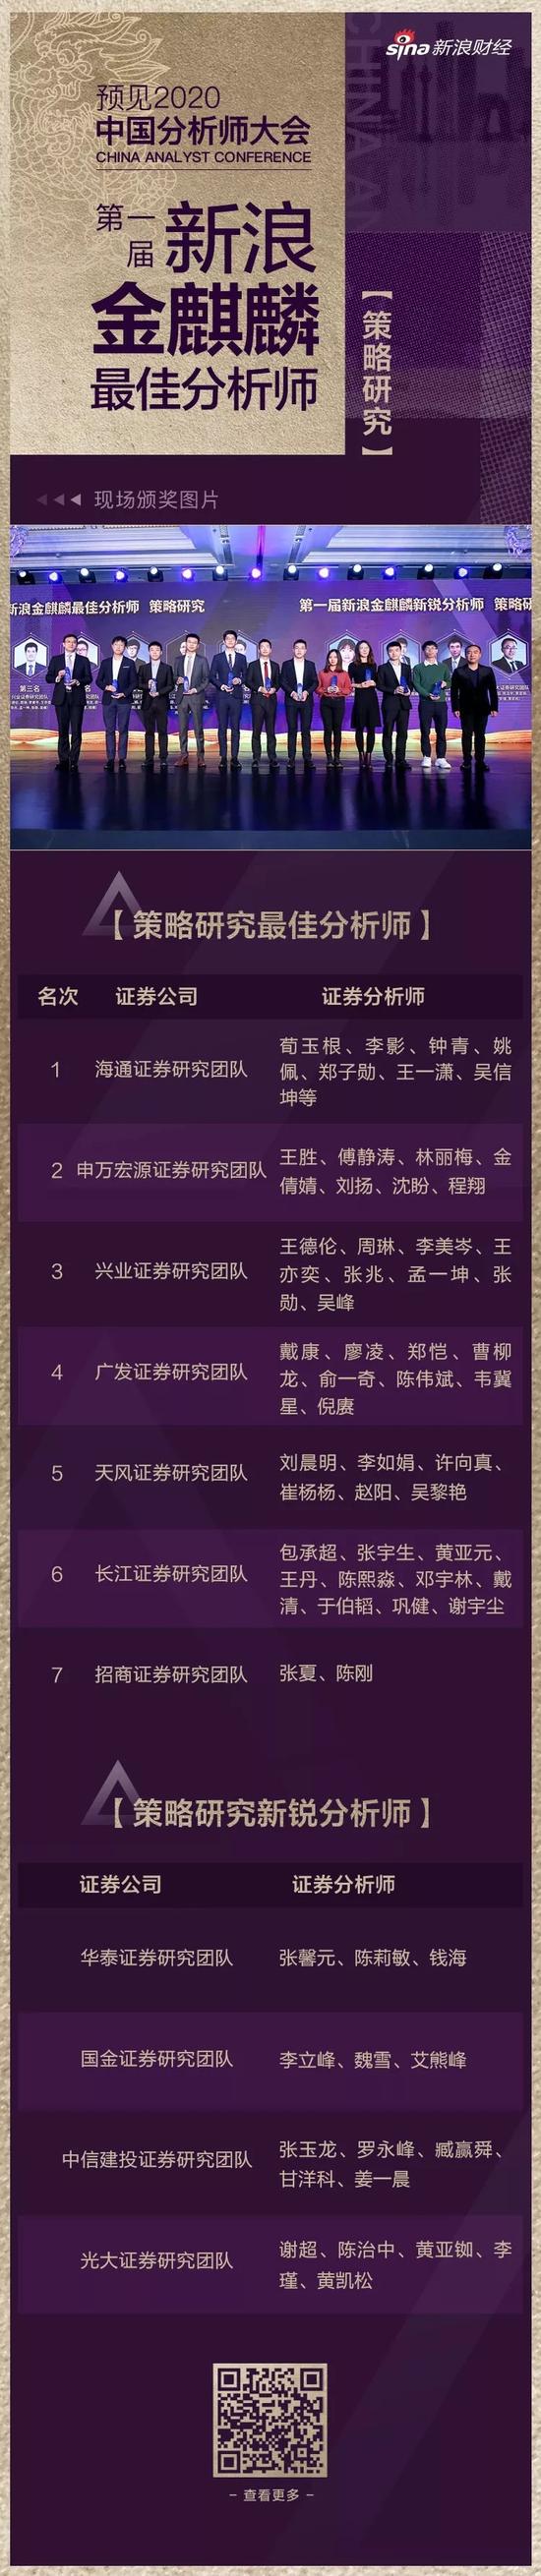 战国娱乐官网 - 清华大学朱民:人工智能是科技的最终未来